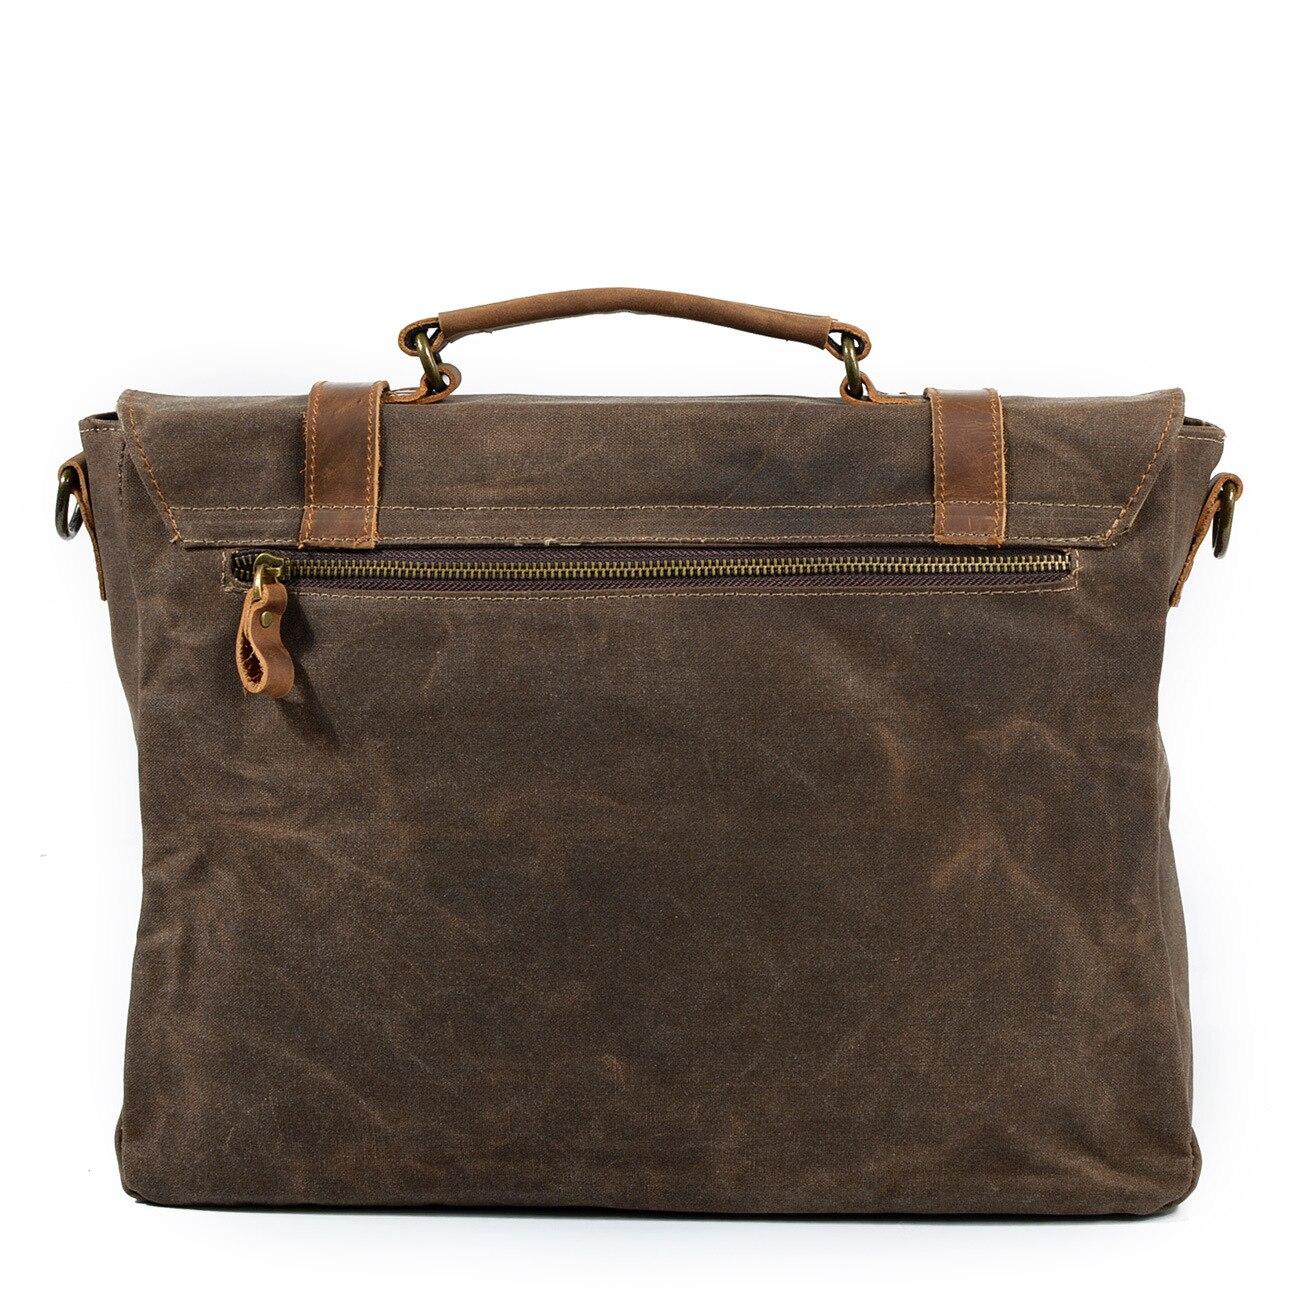 2018 rétro hommes porte-documents ordinateur portable affaires Messenger épaule sac à bandoulière en cuir véritable toile Document de voyage sac pratique - 3